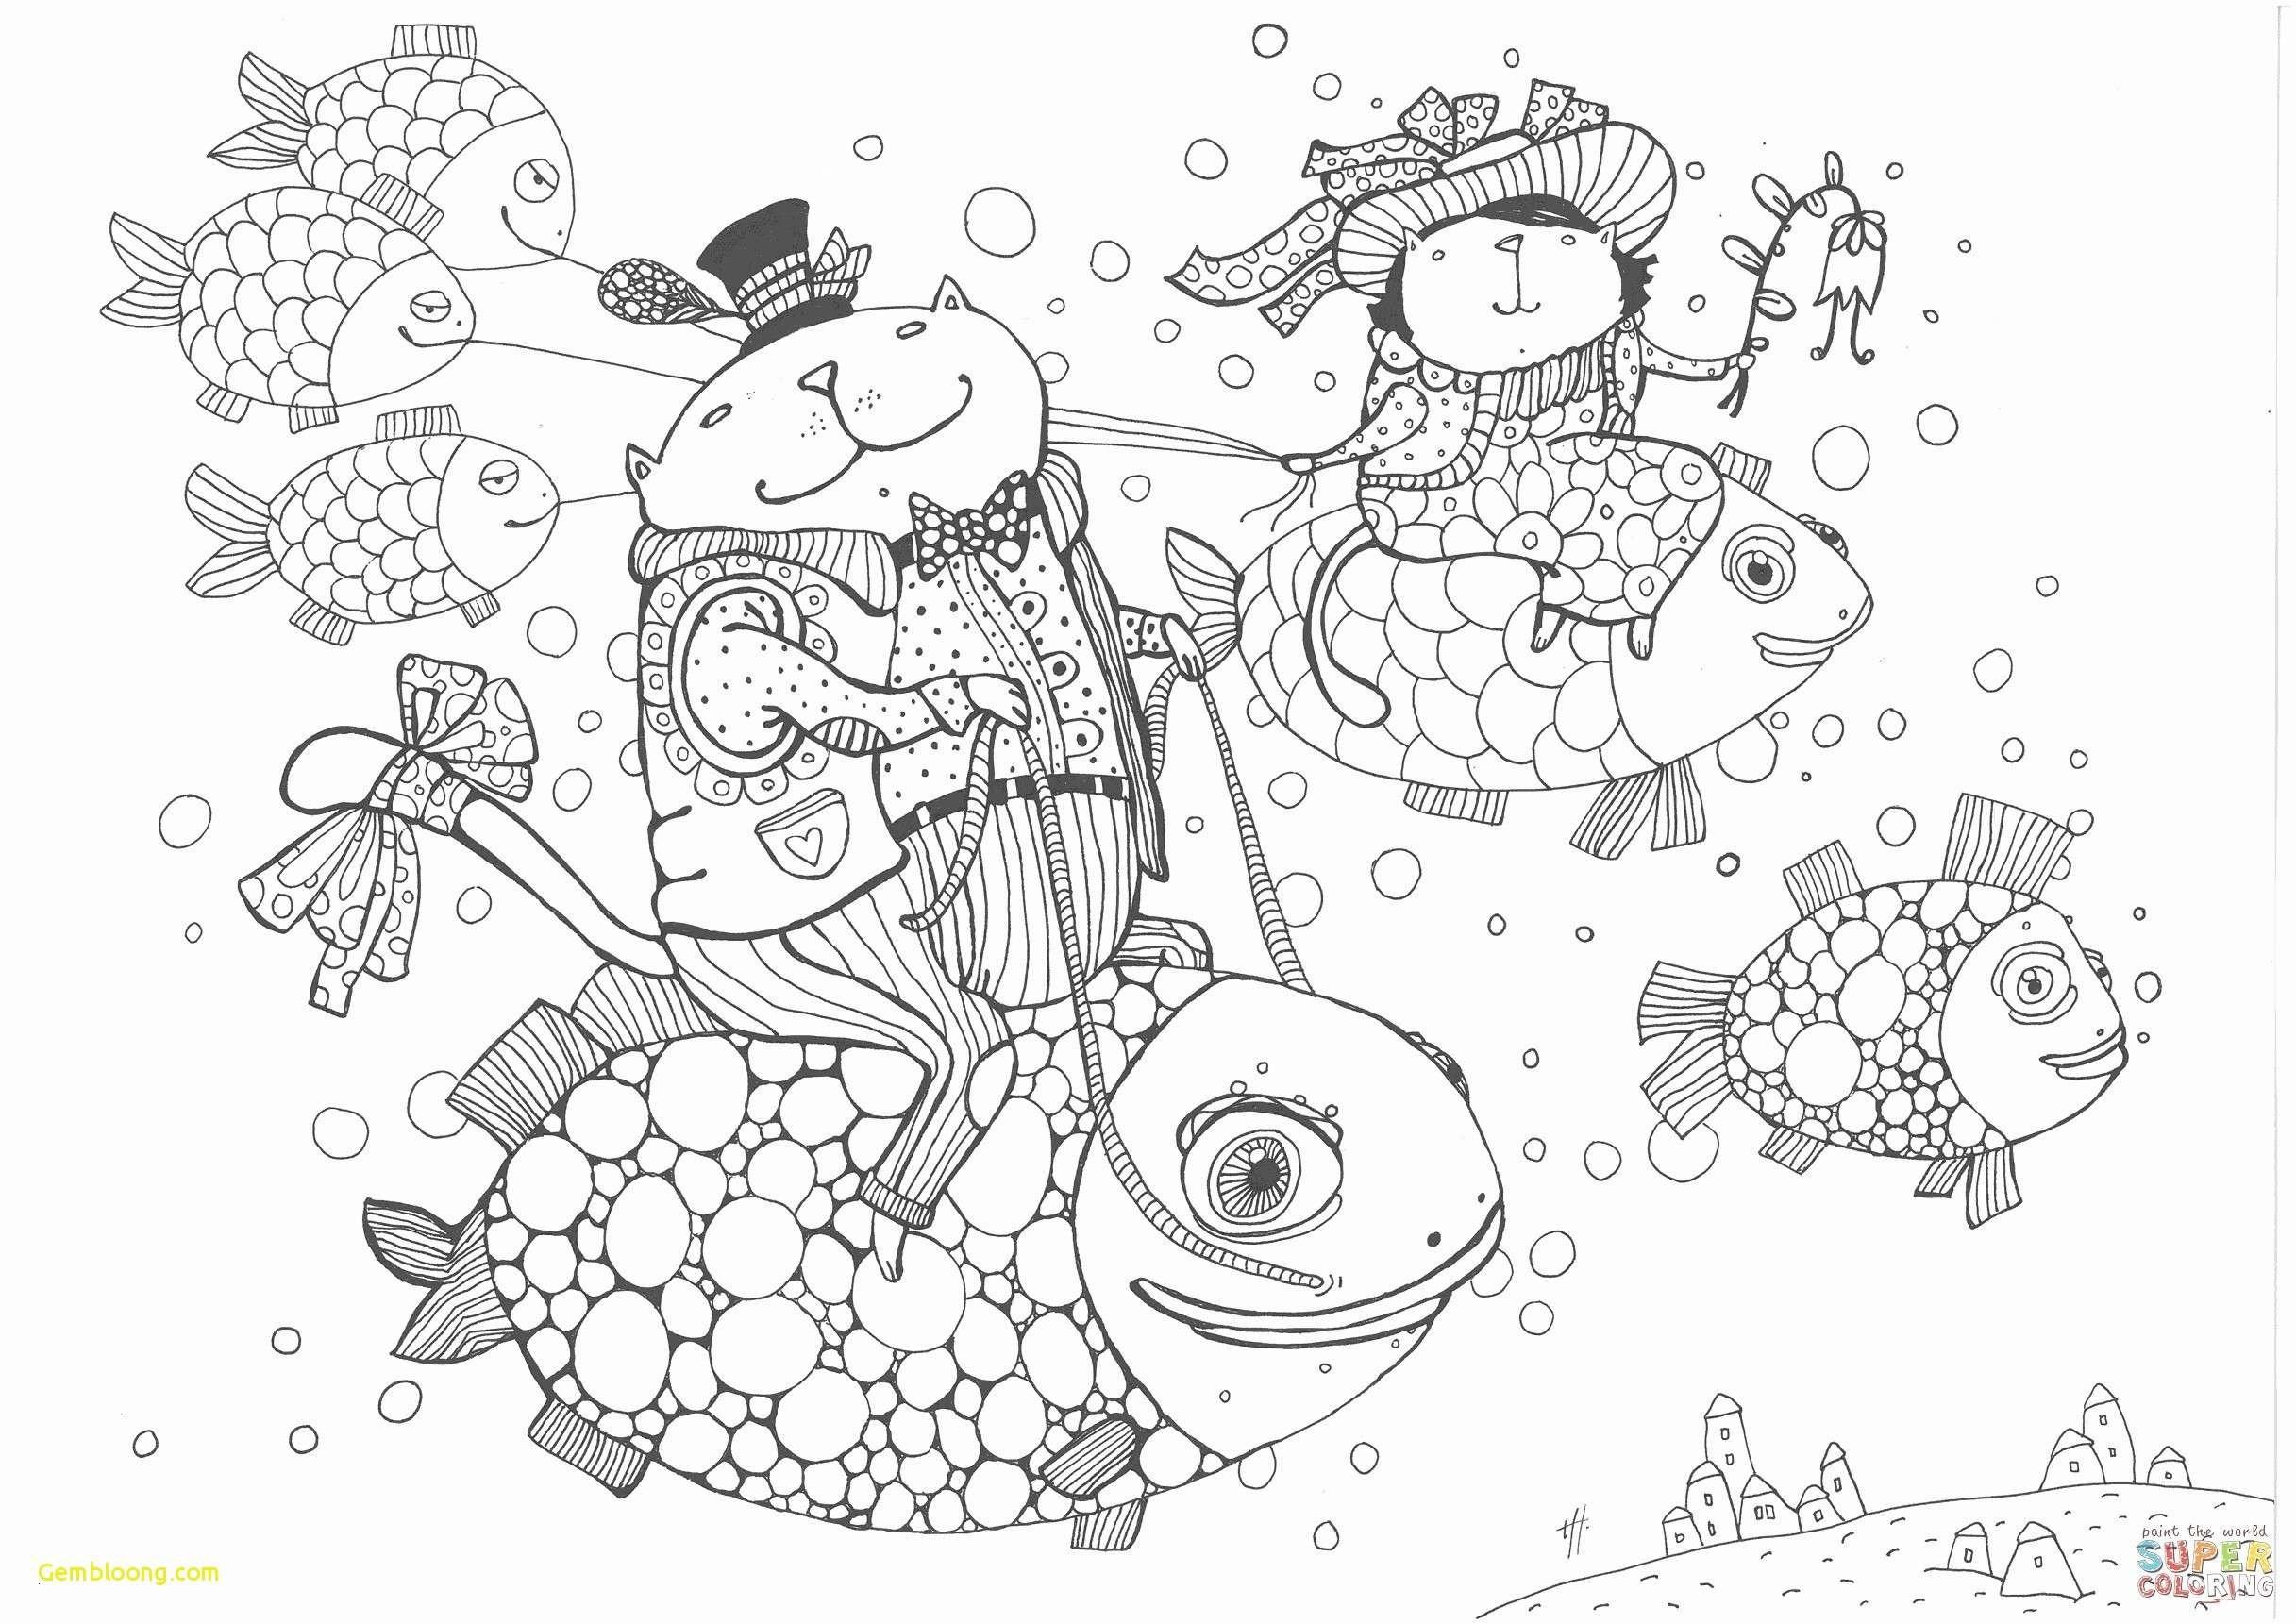 Alvin Und Die Chipmunks Ausmalbilder Inspirierend Ausmalbilder Chipmunks Genial Igel Grundschule Schön 36 Ausmalbilder Sammlung